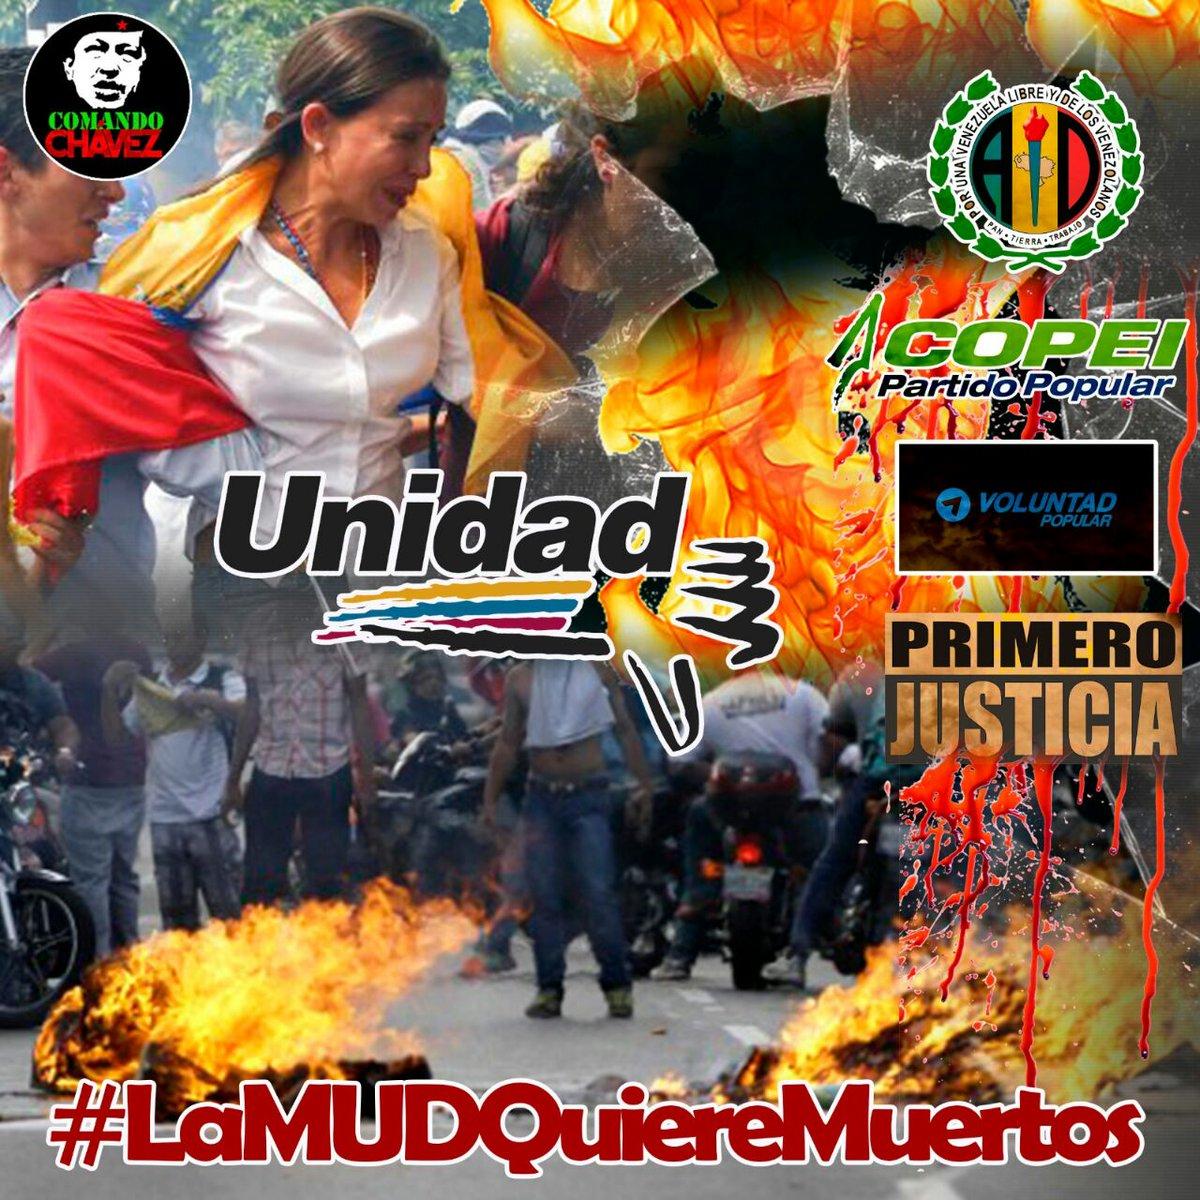 Venezuela/ Colombia y su conflicto interno - Página 7 CrMXCLZWYAABXn3